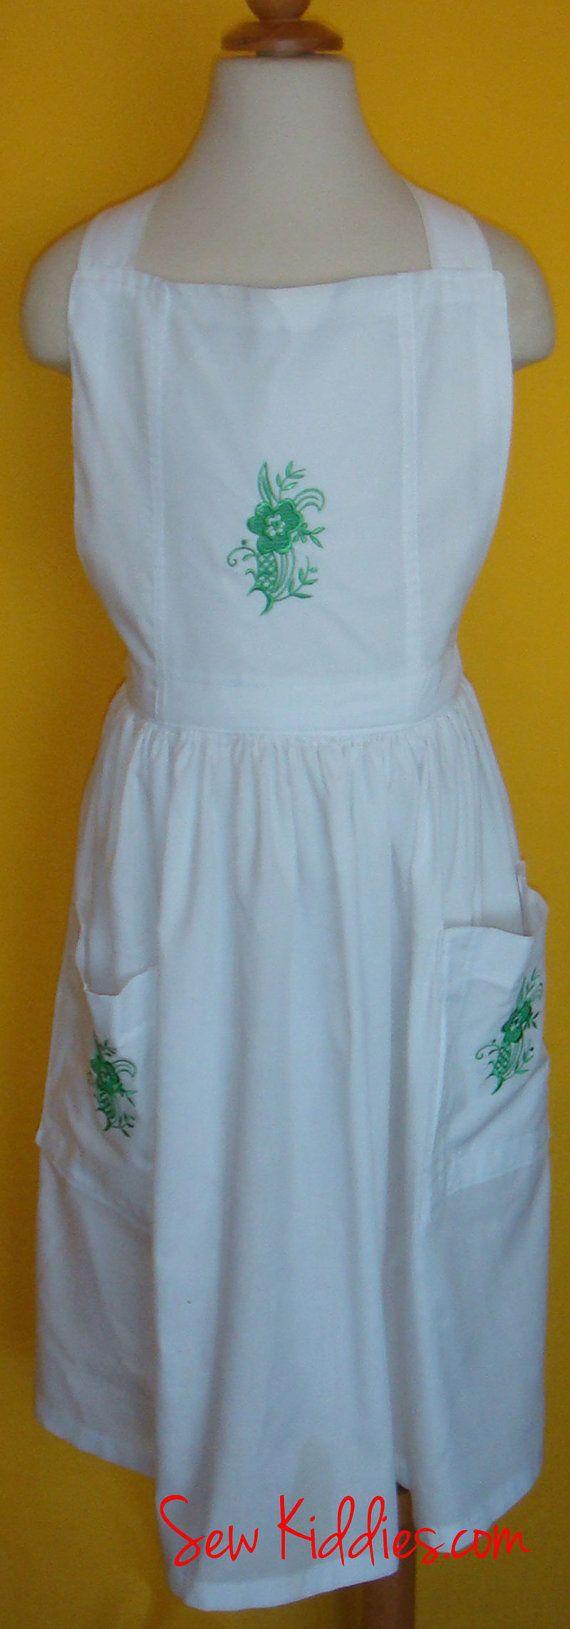 White apron etsy - Child White Apron By Sewkiddies On Etsy 30 00